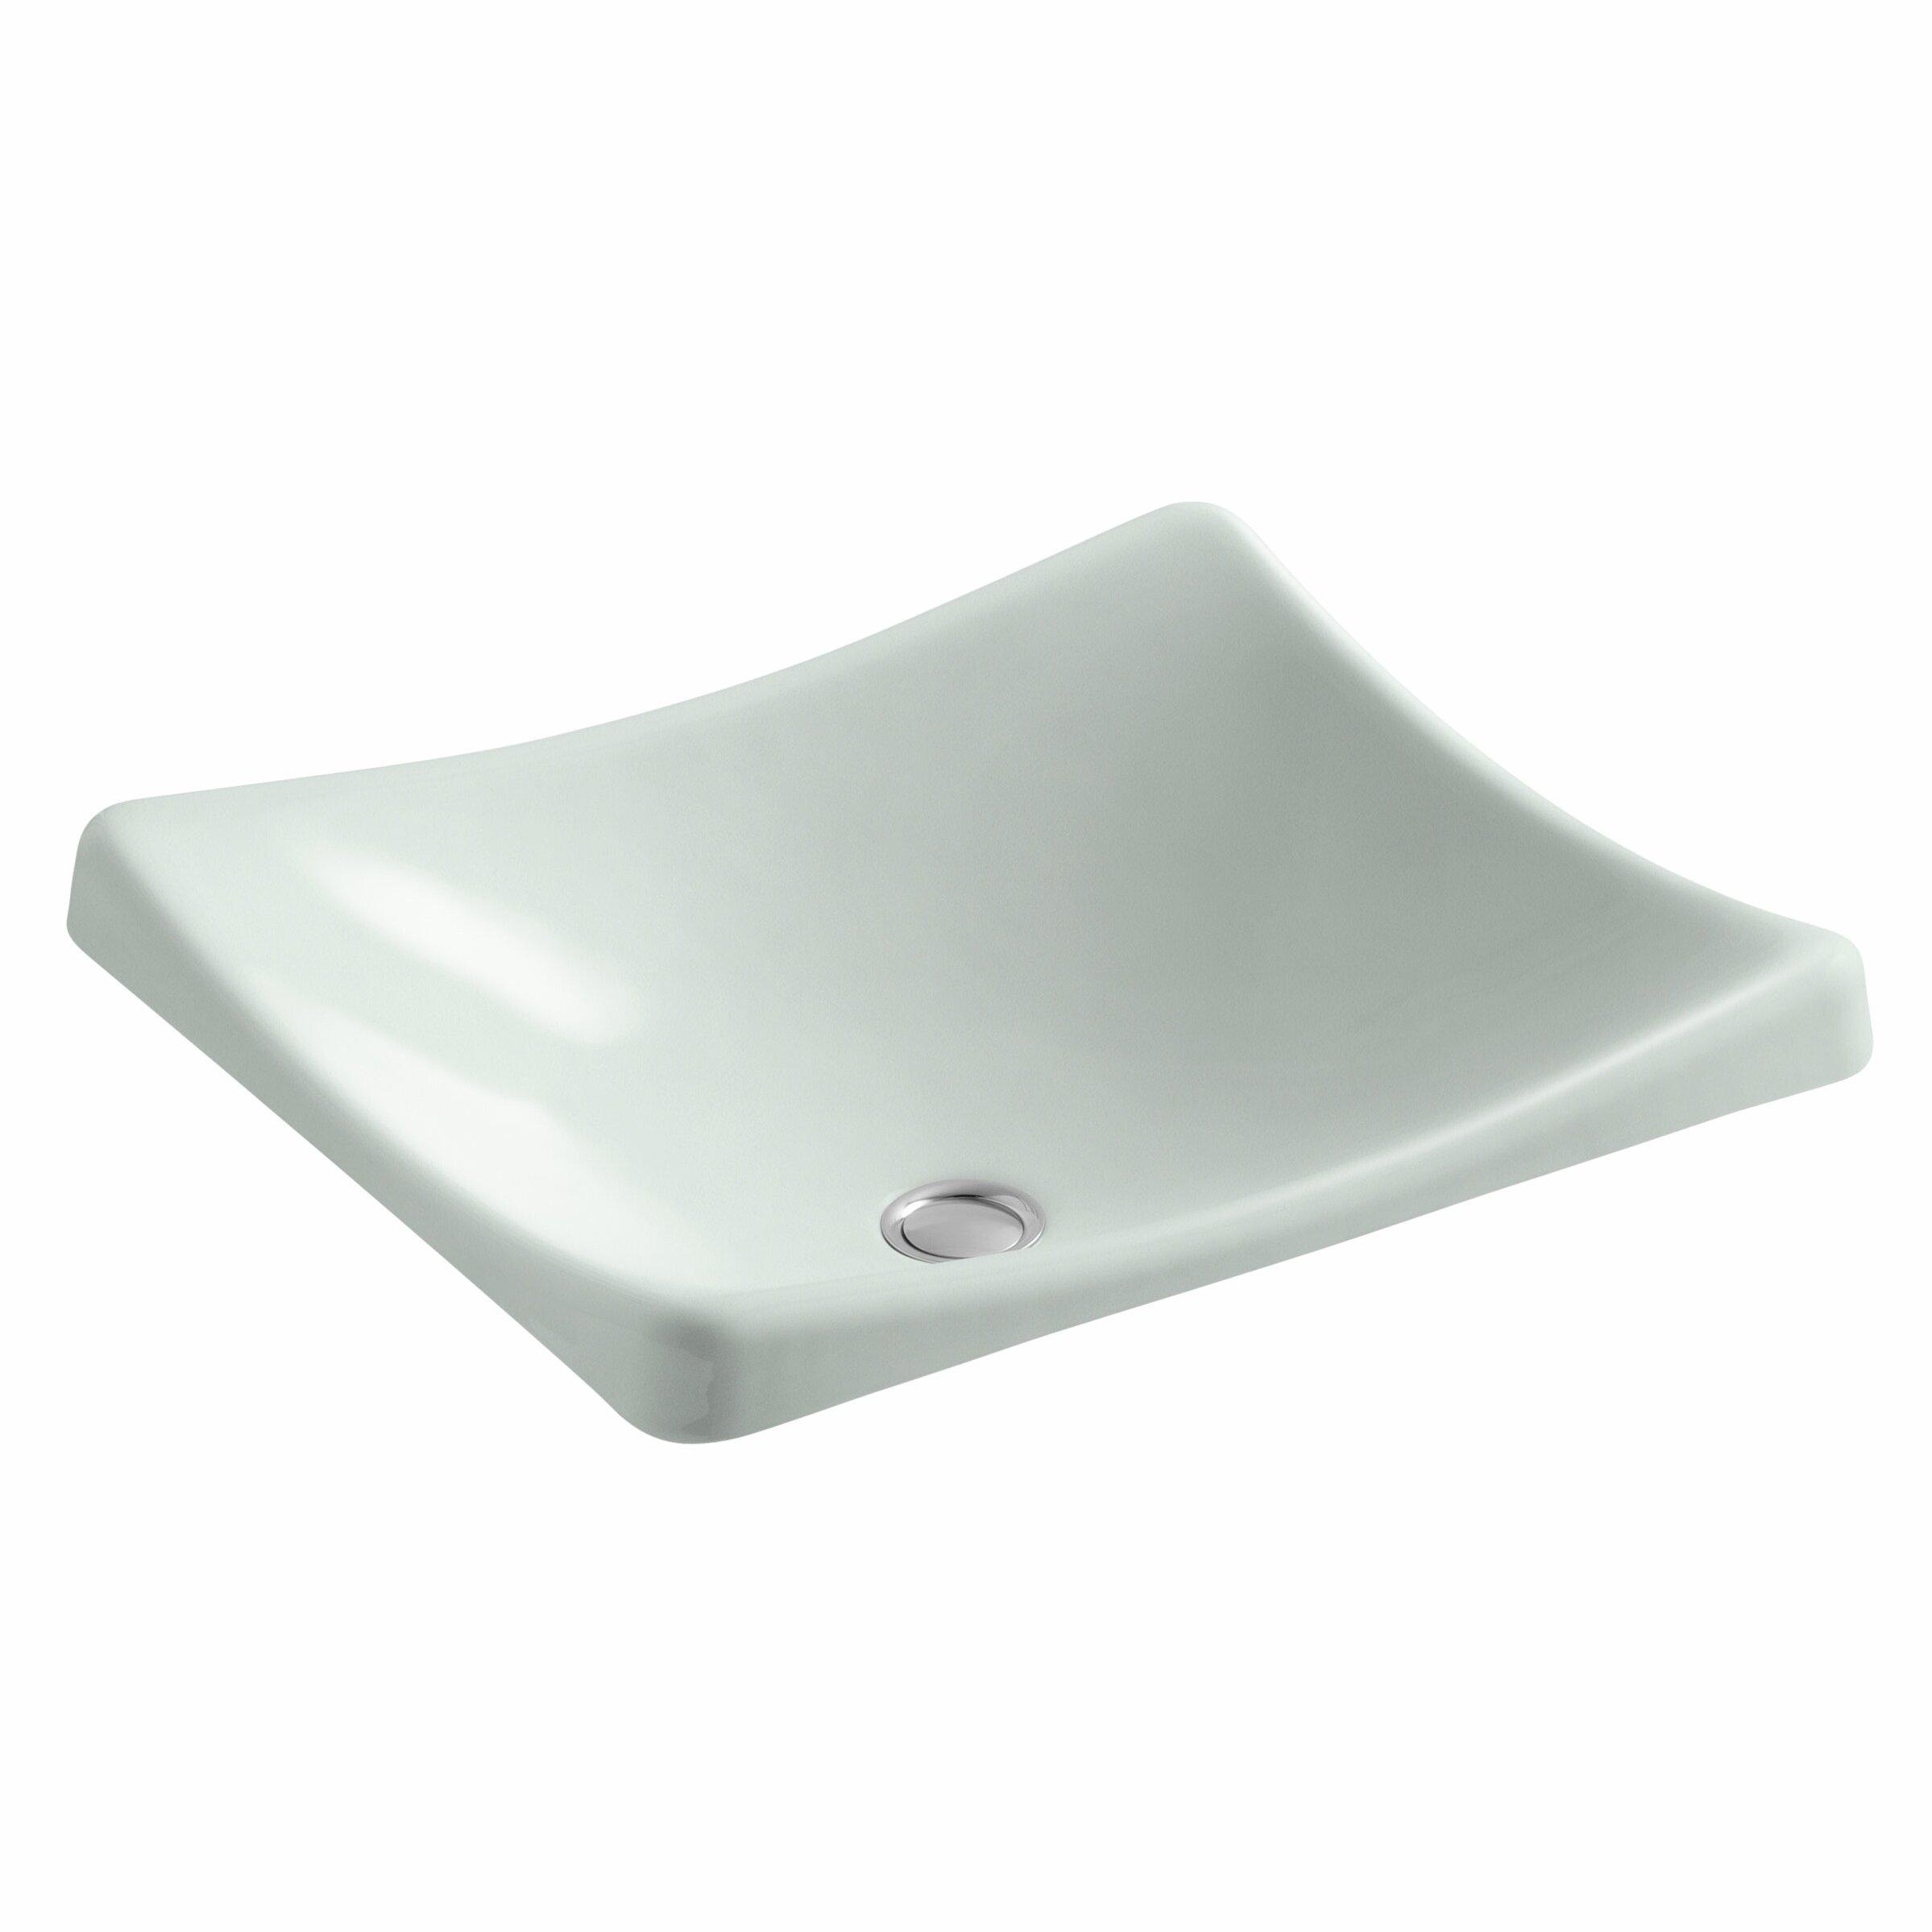 Kohler Demilav Wading Pool Bathroom Sink Amp Reviews Wayfair